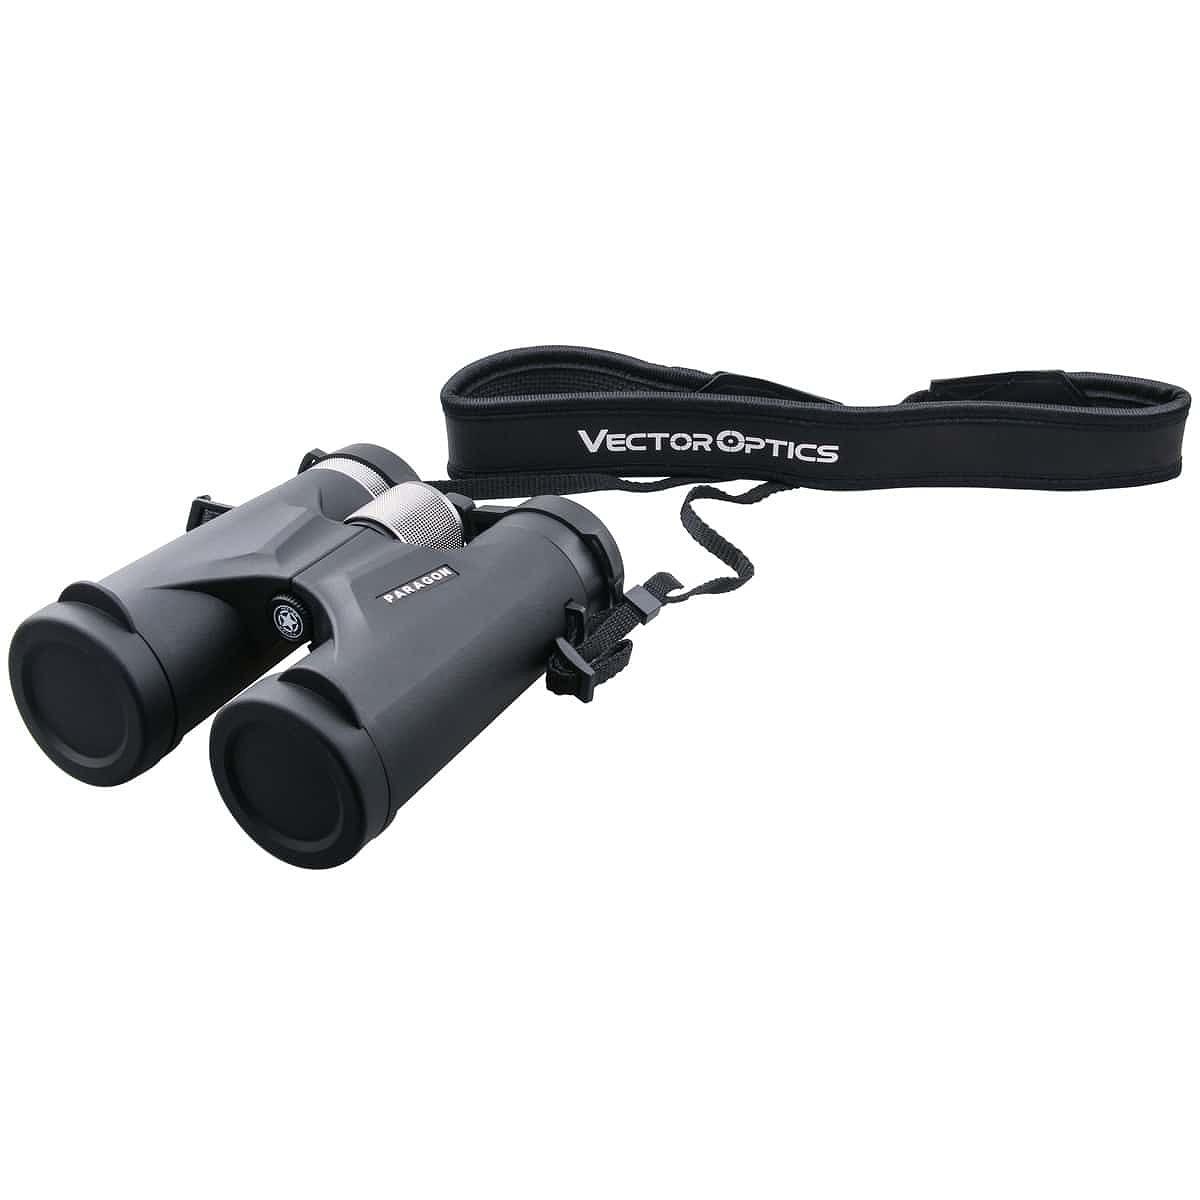 【お届け予定日: 2月28日】ベクターオプティクス ライフルスコープ Paragon 10x42  Vector Optics SCBO-04